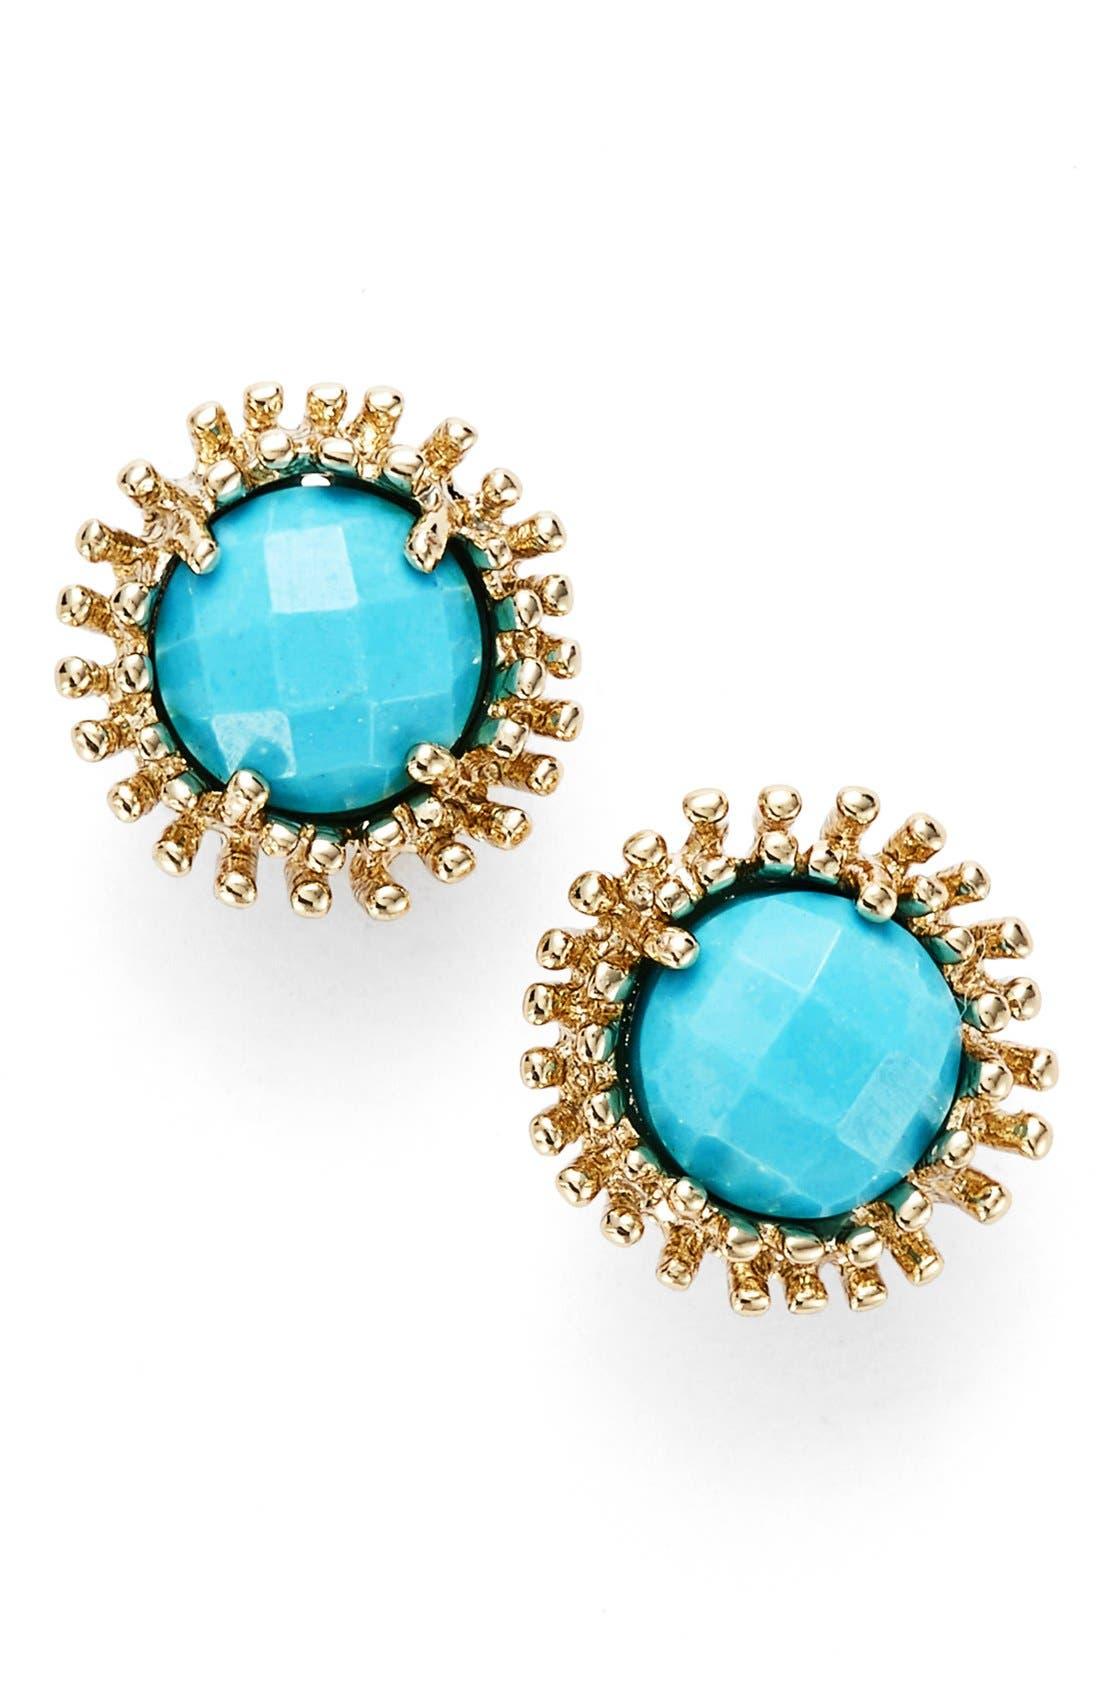 Main Image - Kendra Scott 'Carly' Stud Earrings